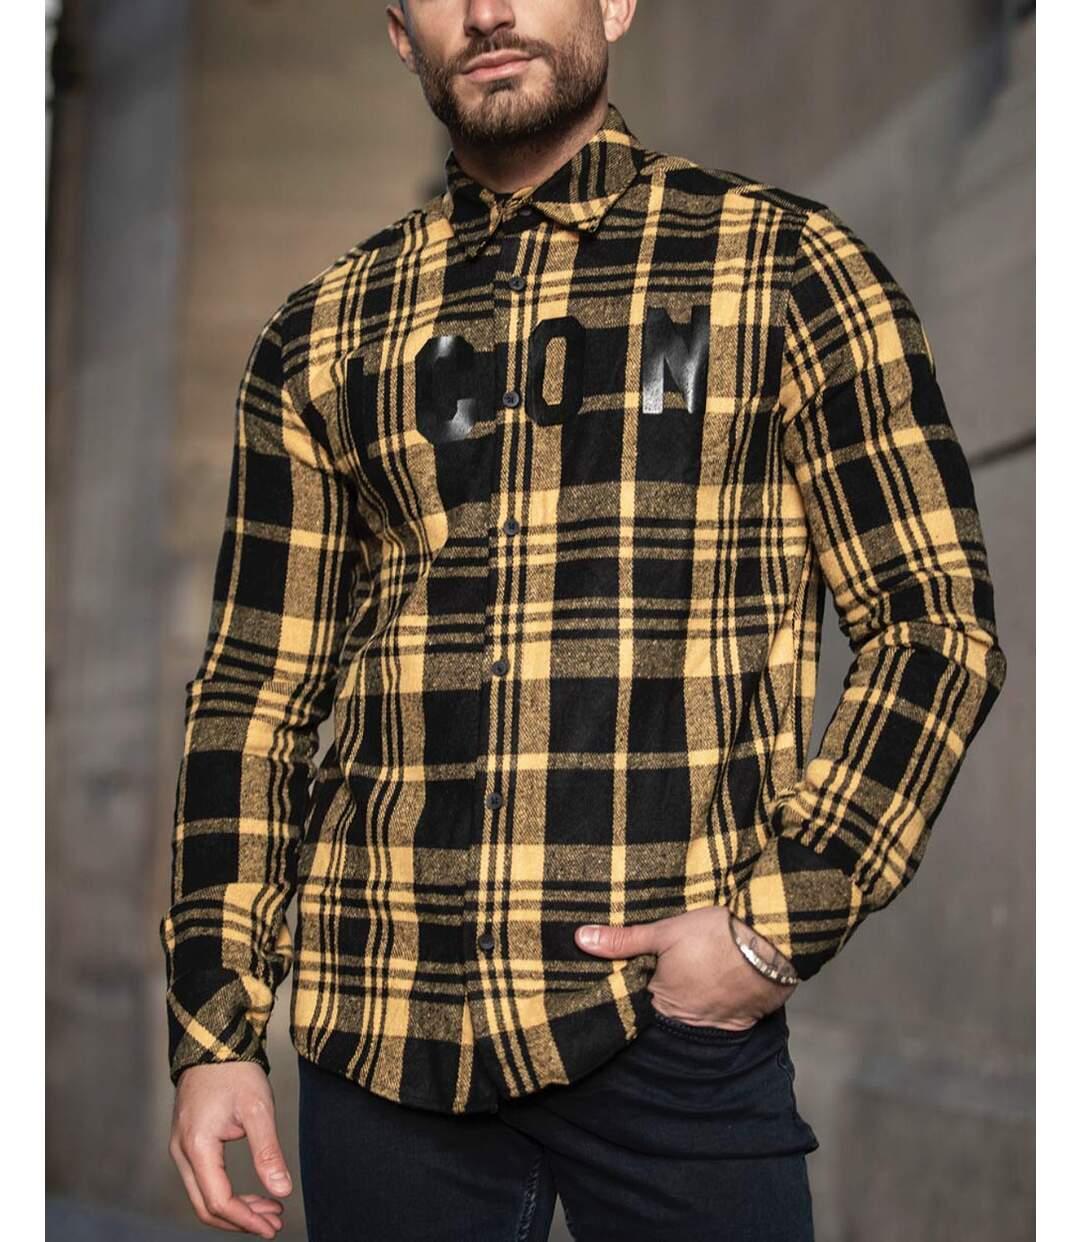 Chemise tendance à motifs carreaux type surchemise jaune et noir pour homme